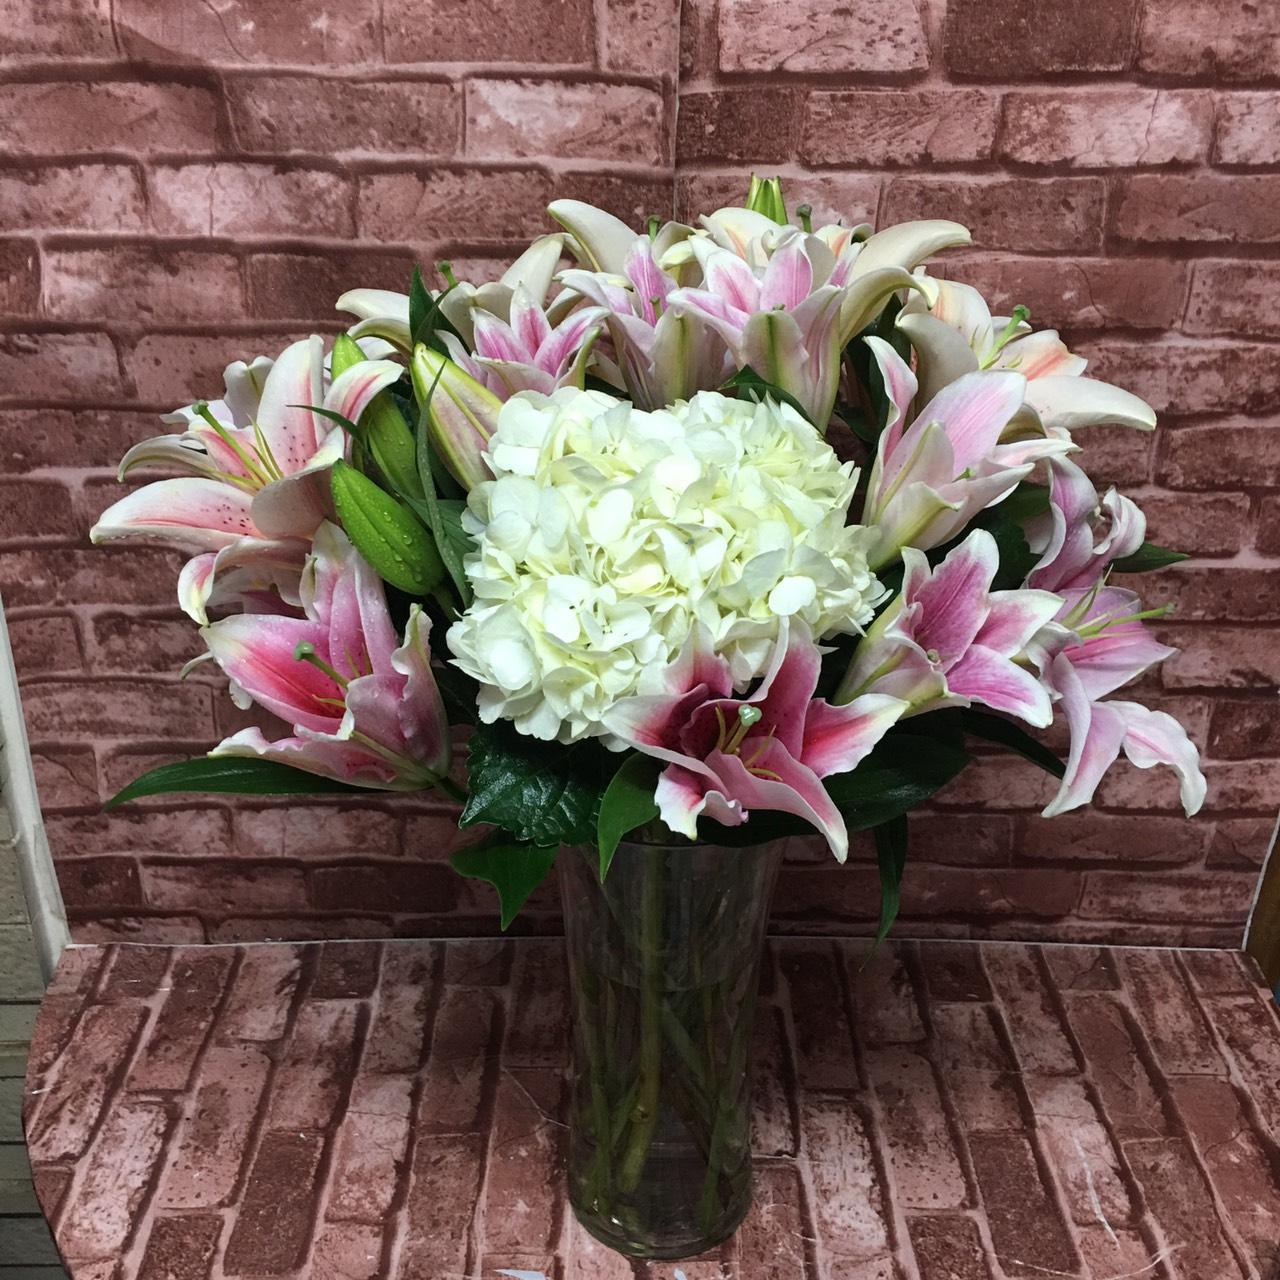 ดอกลิลลี่สีชมพูหวาน นำมาจัดใส่แจกันดอกไม้อย่างประณีตเอาใจใส่